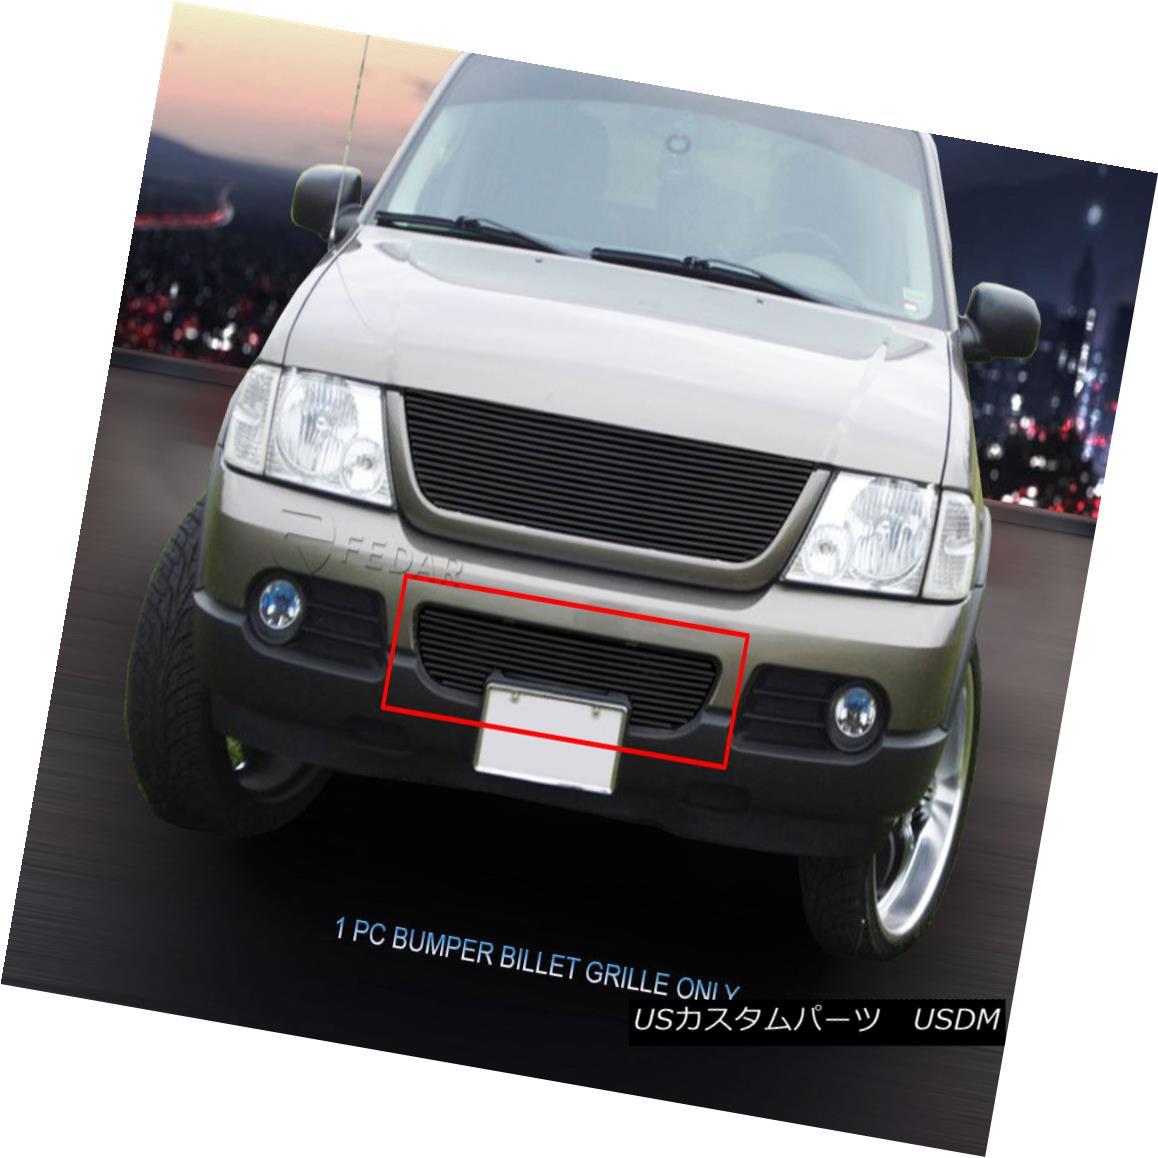 グリル 02-05 Ford Explorer Black Billet Grille Bumper Grill Insert Fedar 02-05フォードエクスプローラーブラックビレットグリルバンパーグリルインサートフェルダー